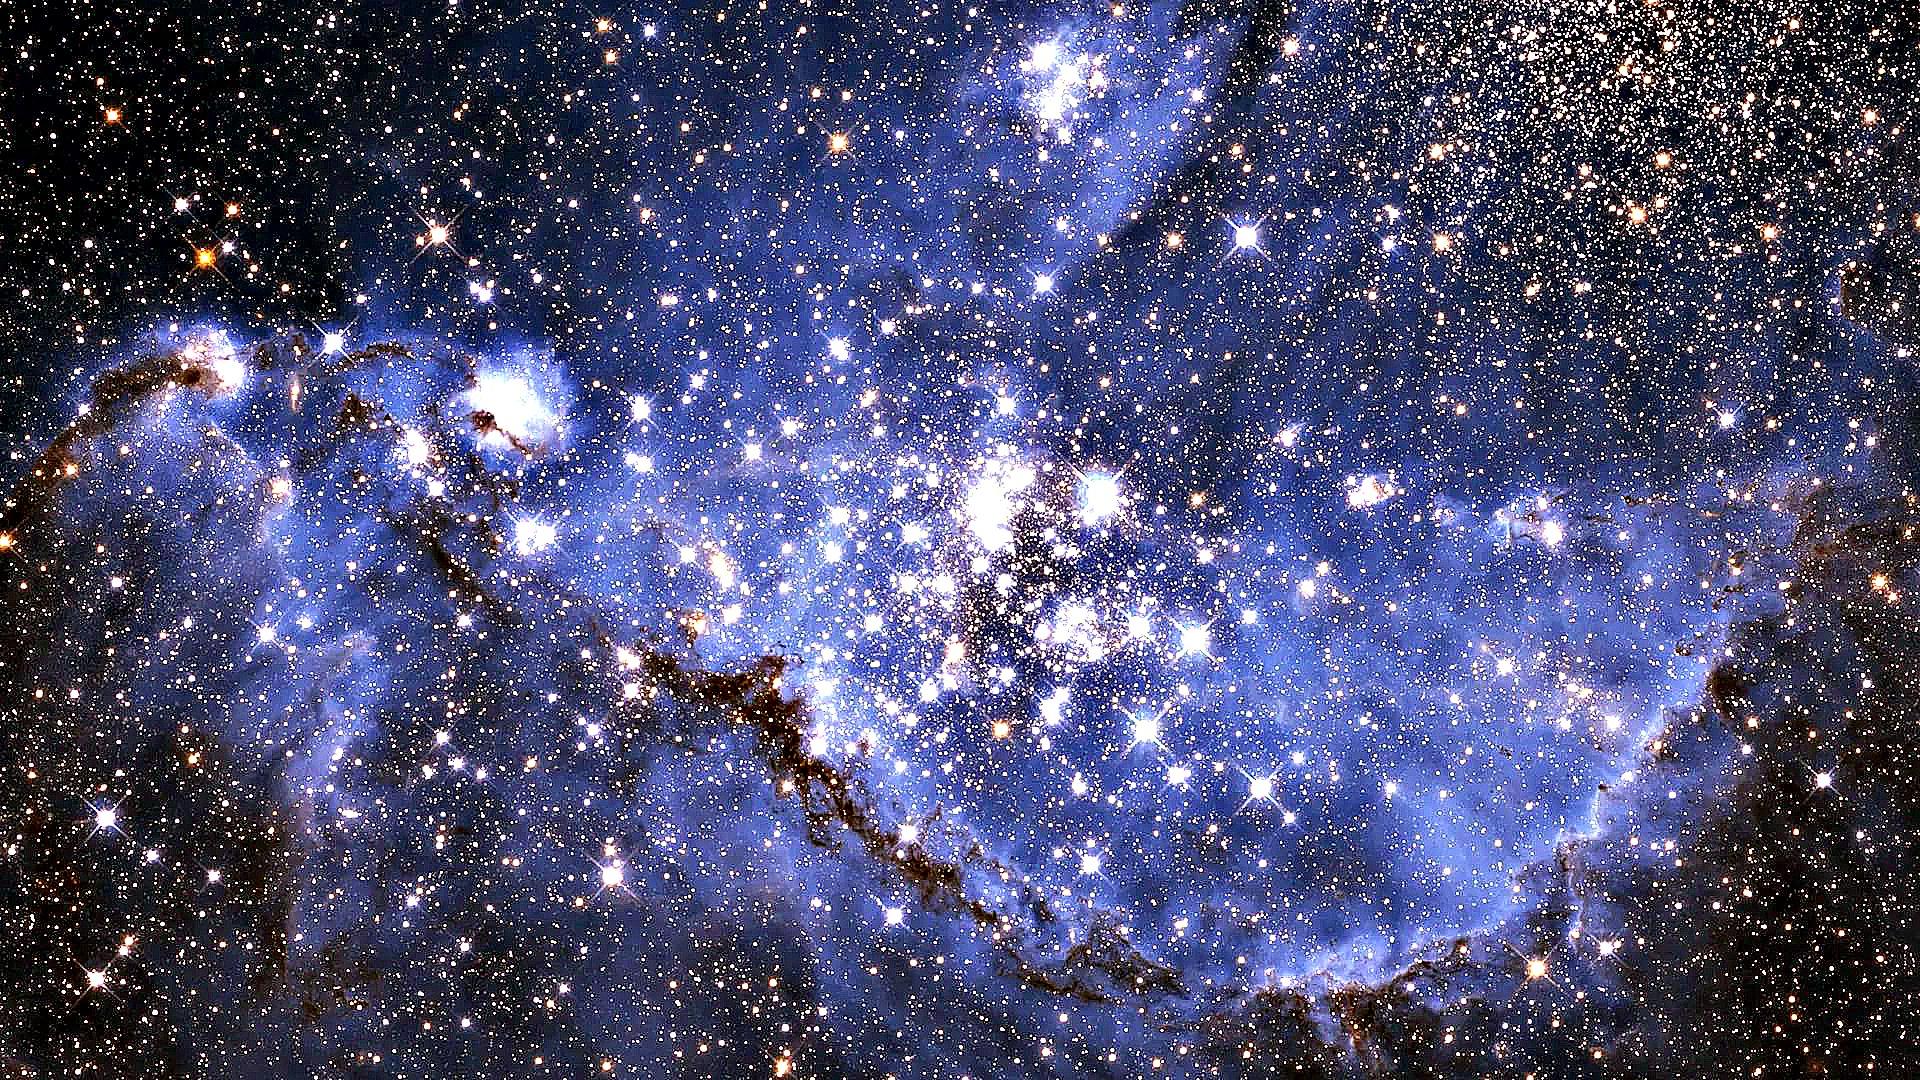 Estrellas y planetas fotos 53